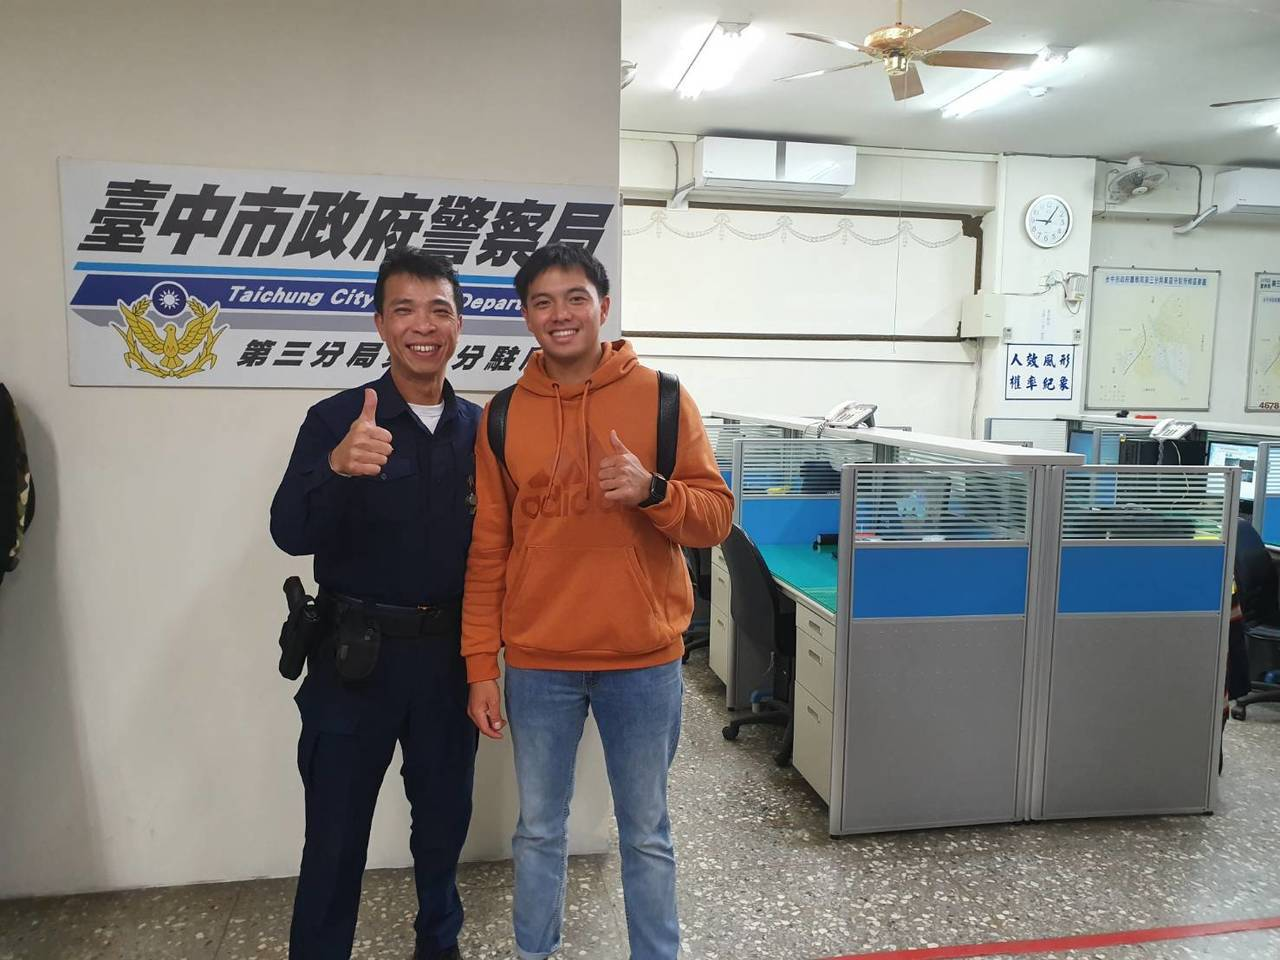 日本職棒西武獅的台灣旅日球員吳念庭(右)手機遺失報警,所內員警一秒變身小粉絲,要...